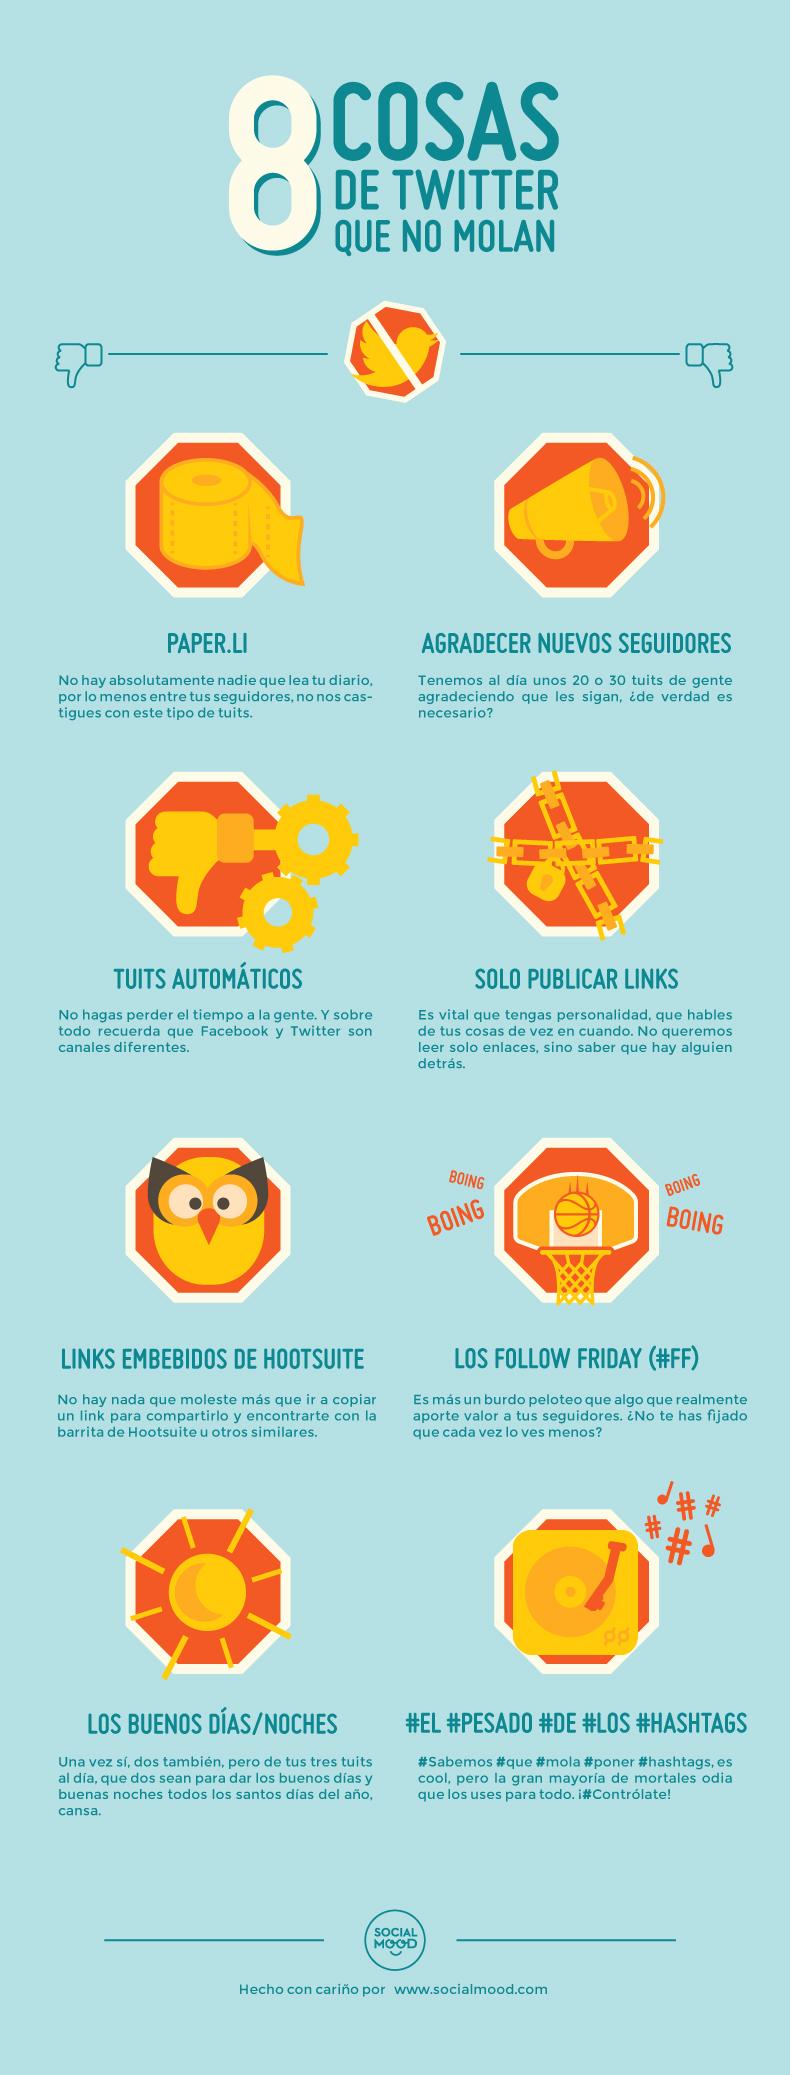 8 cosas que no deberías de hacer en Twitter